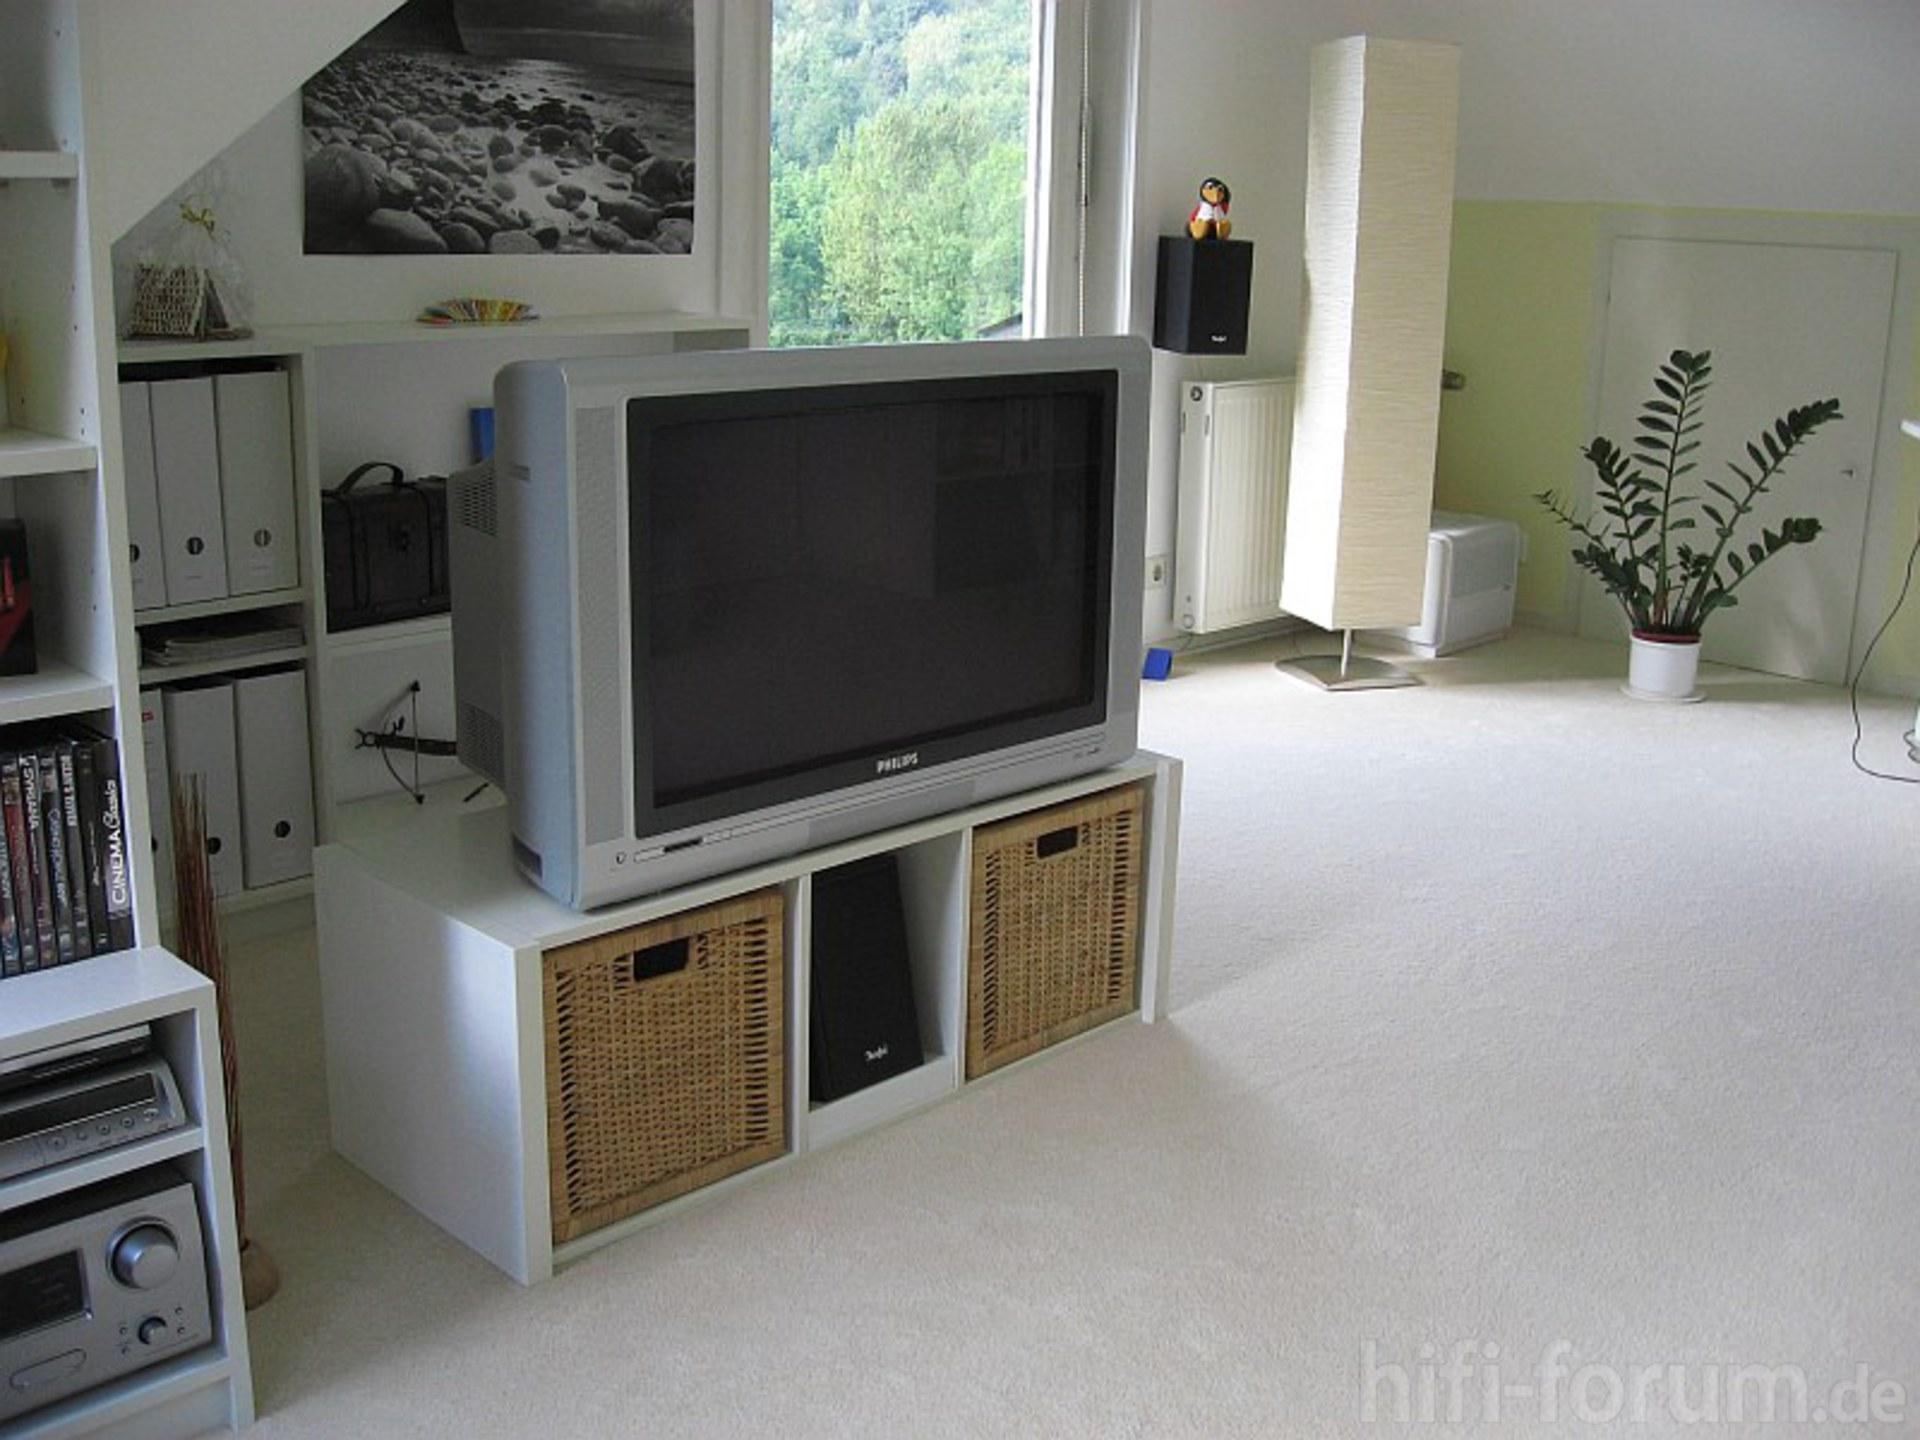 mein heimkino fernseher fernseher heimkino surround hifi bildergalerie. Black Bedroom Furniture Sets. Home Design Ideas